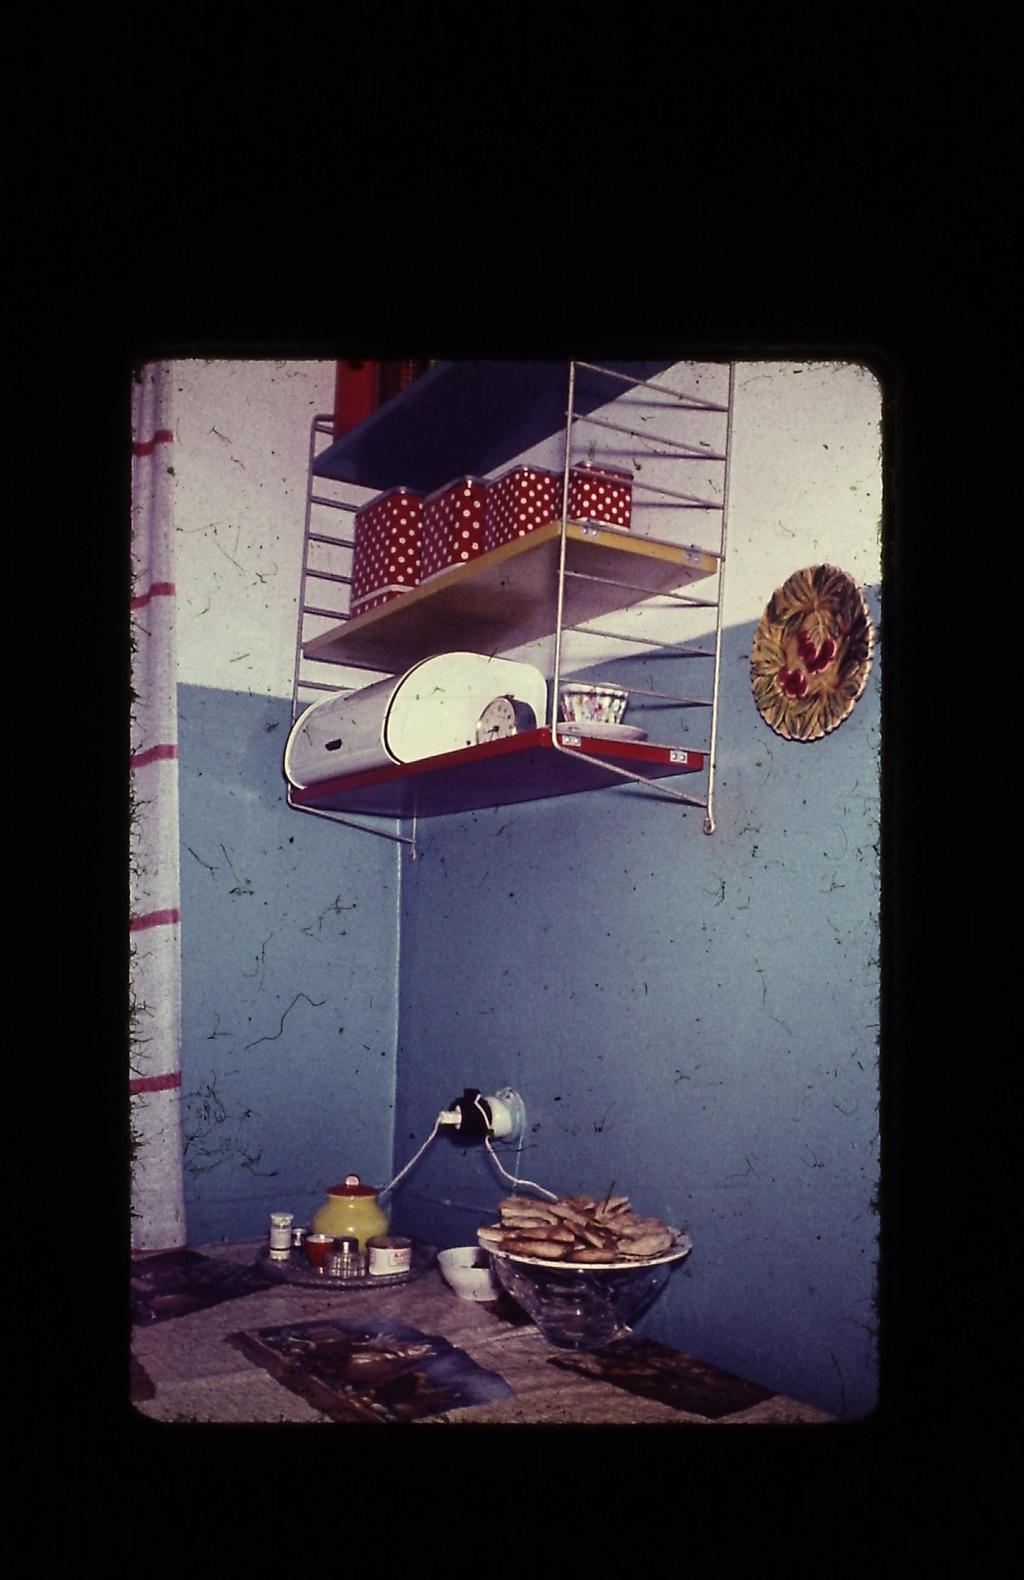 interieur d une maison annee 1975 Pict0013